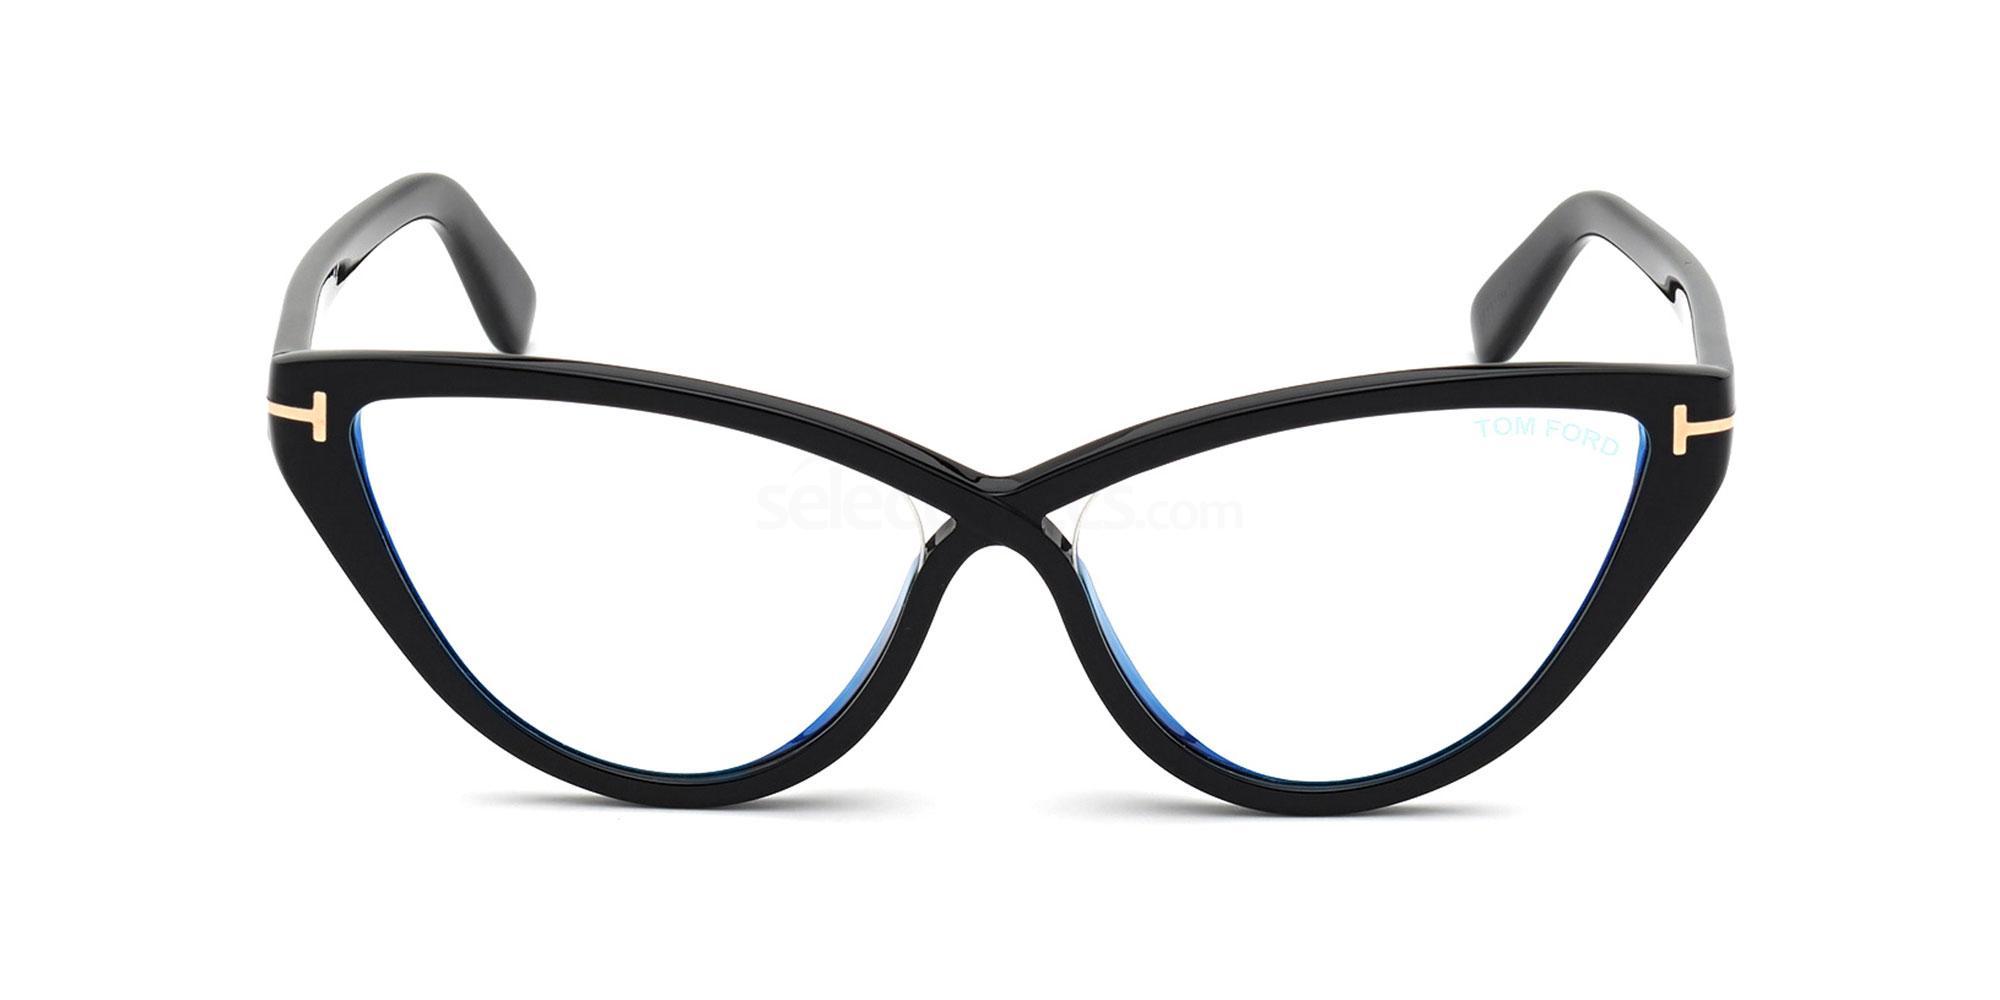 001 FT5729-B Glasses, Tom Ford